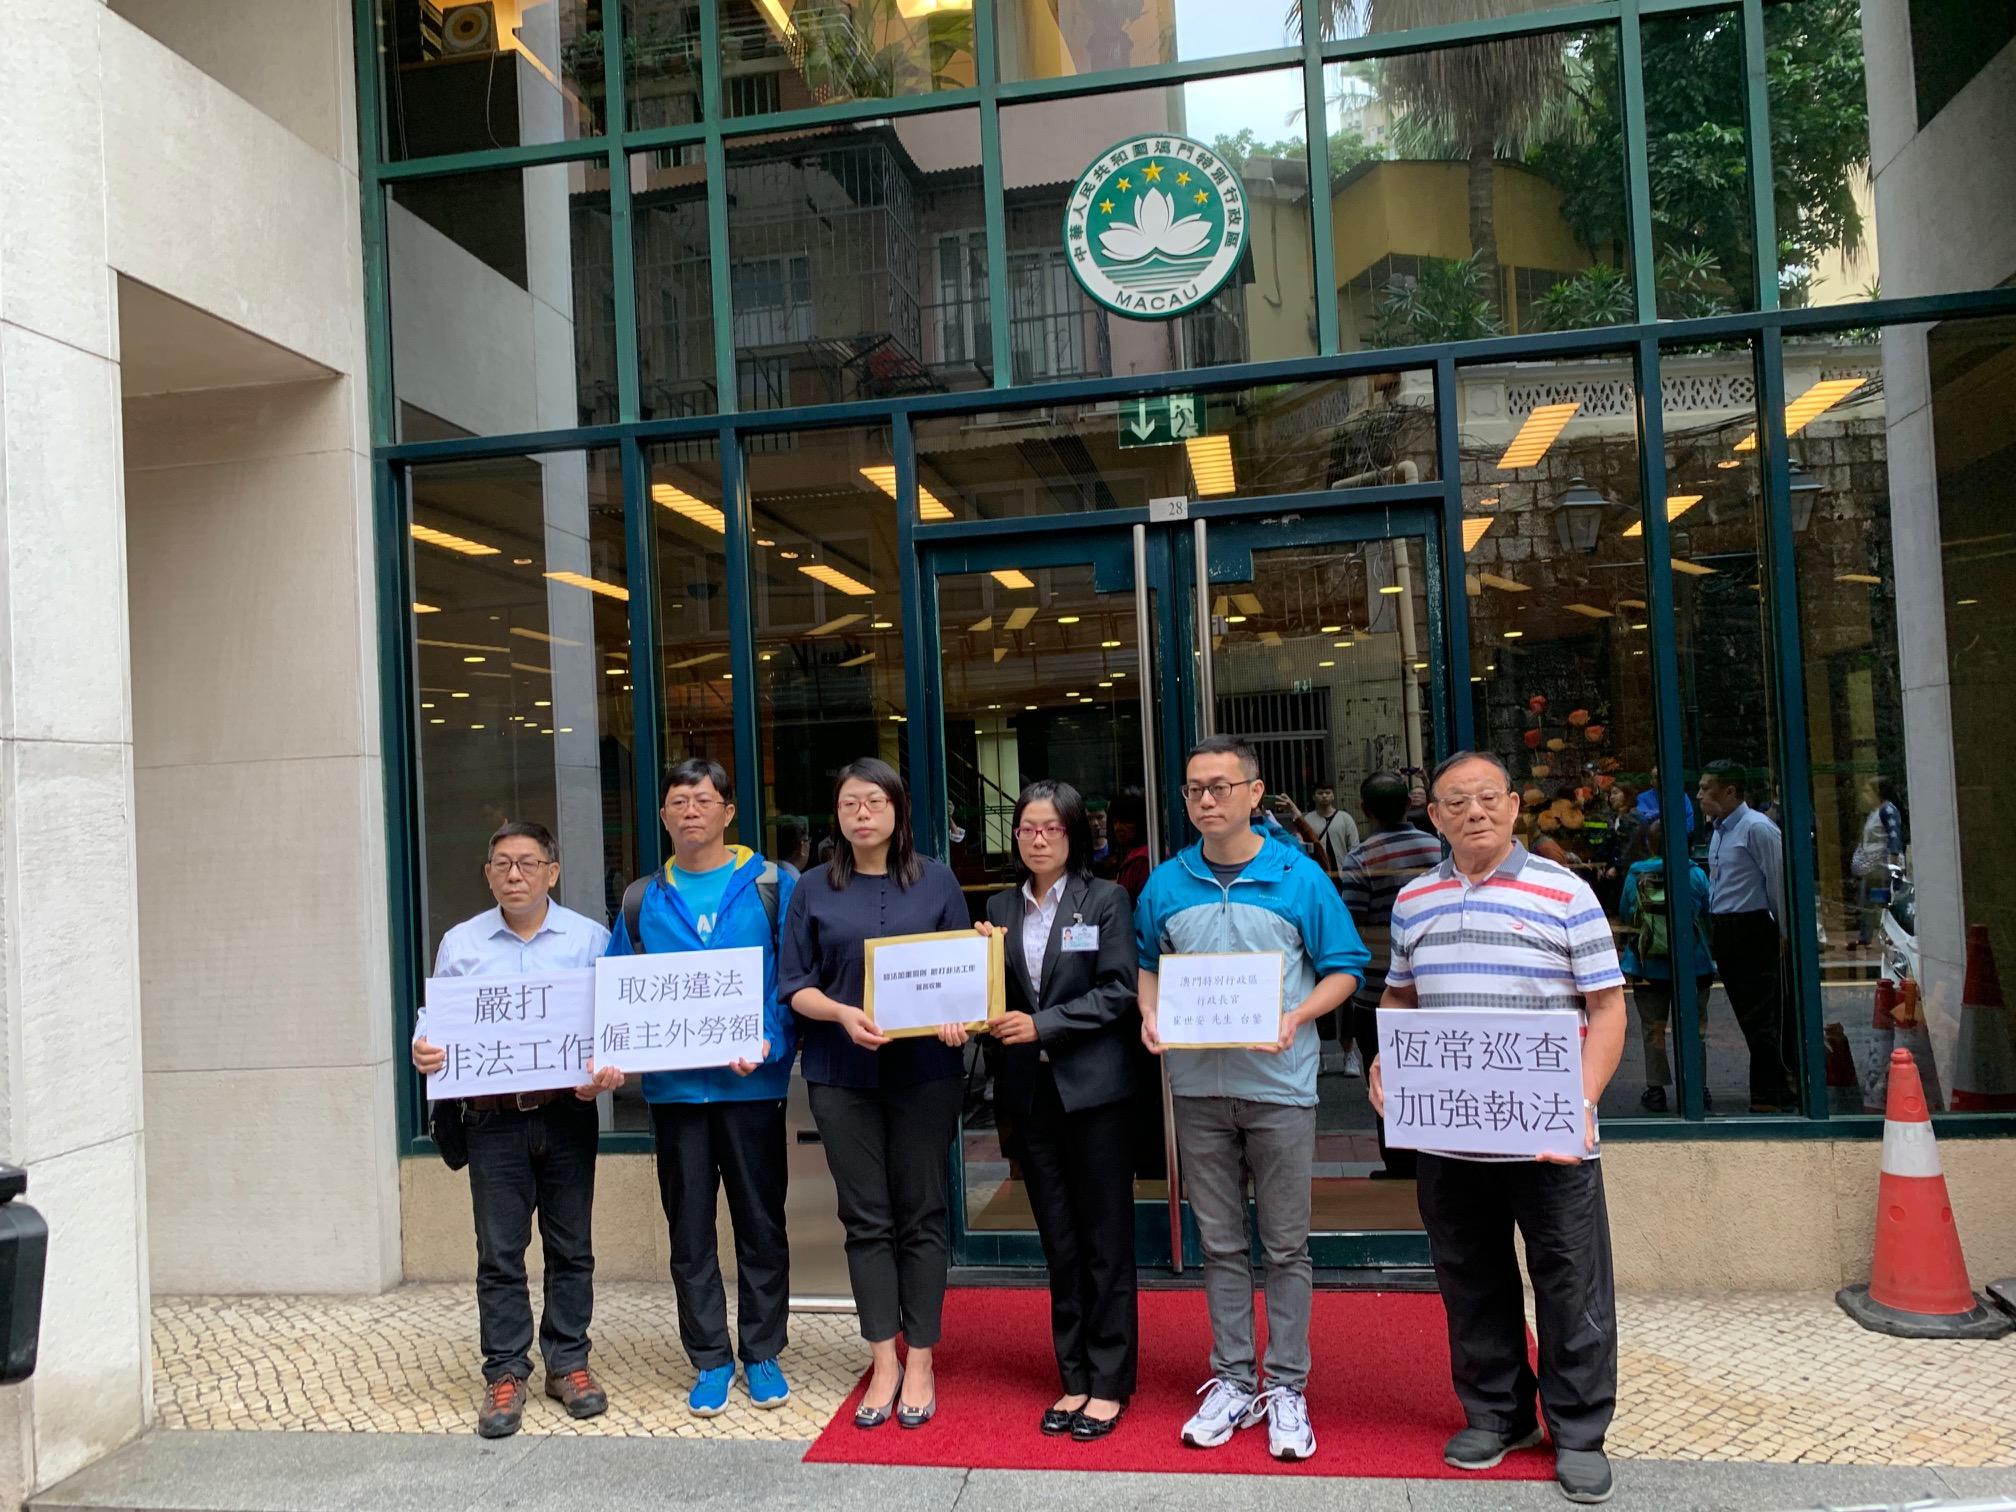 Trabalho ilegal | FAOM entregou carta junto da sede do Governo